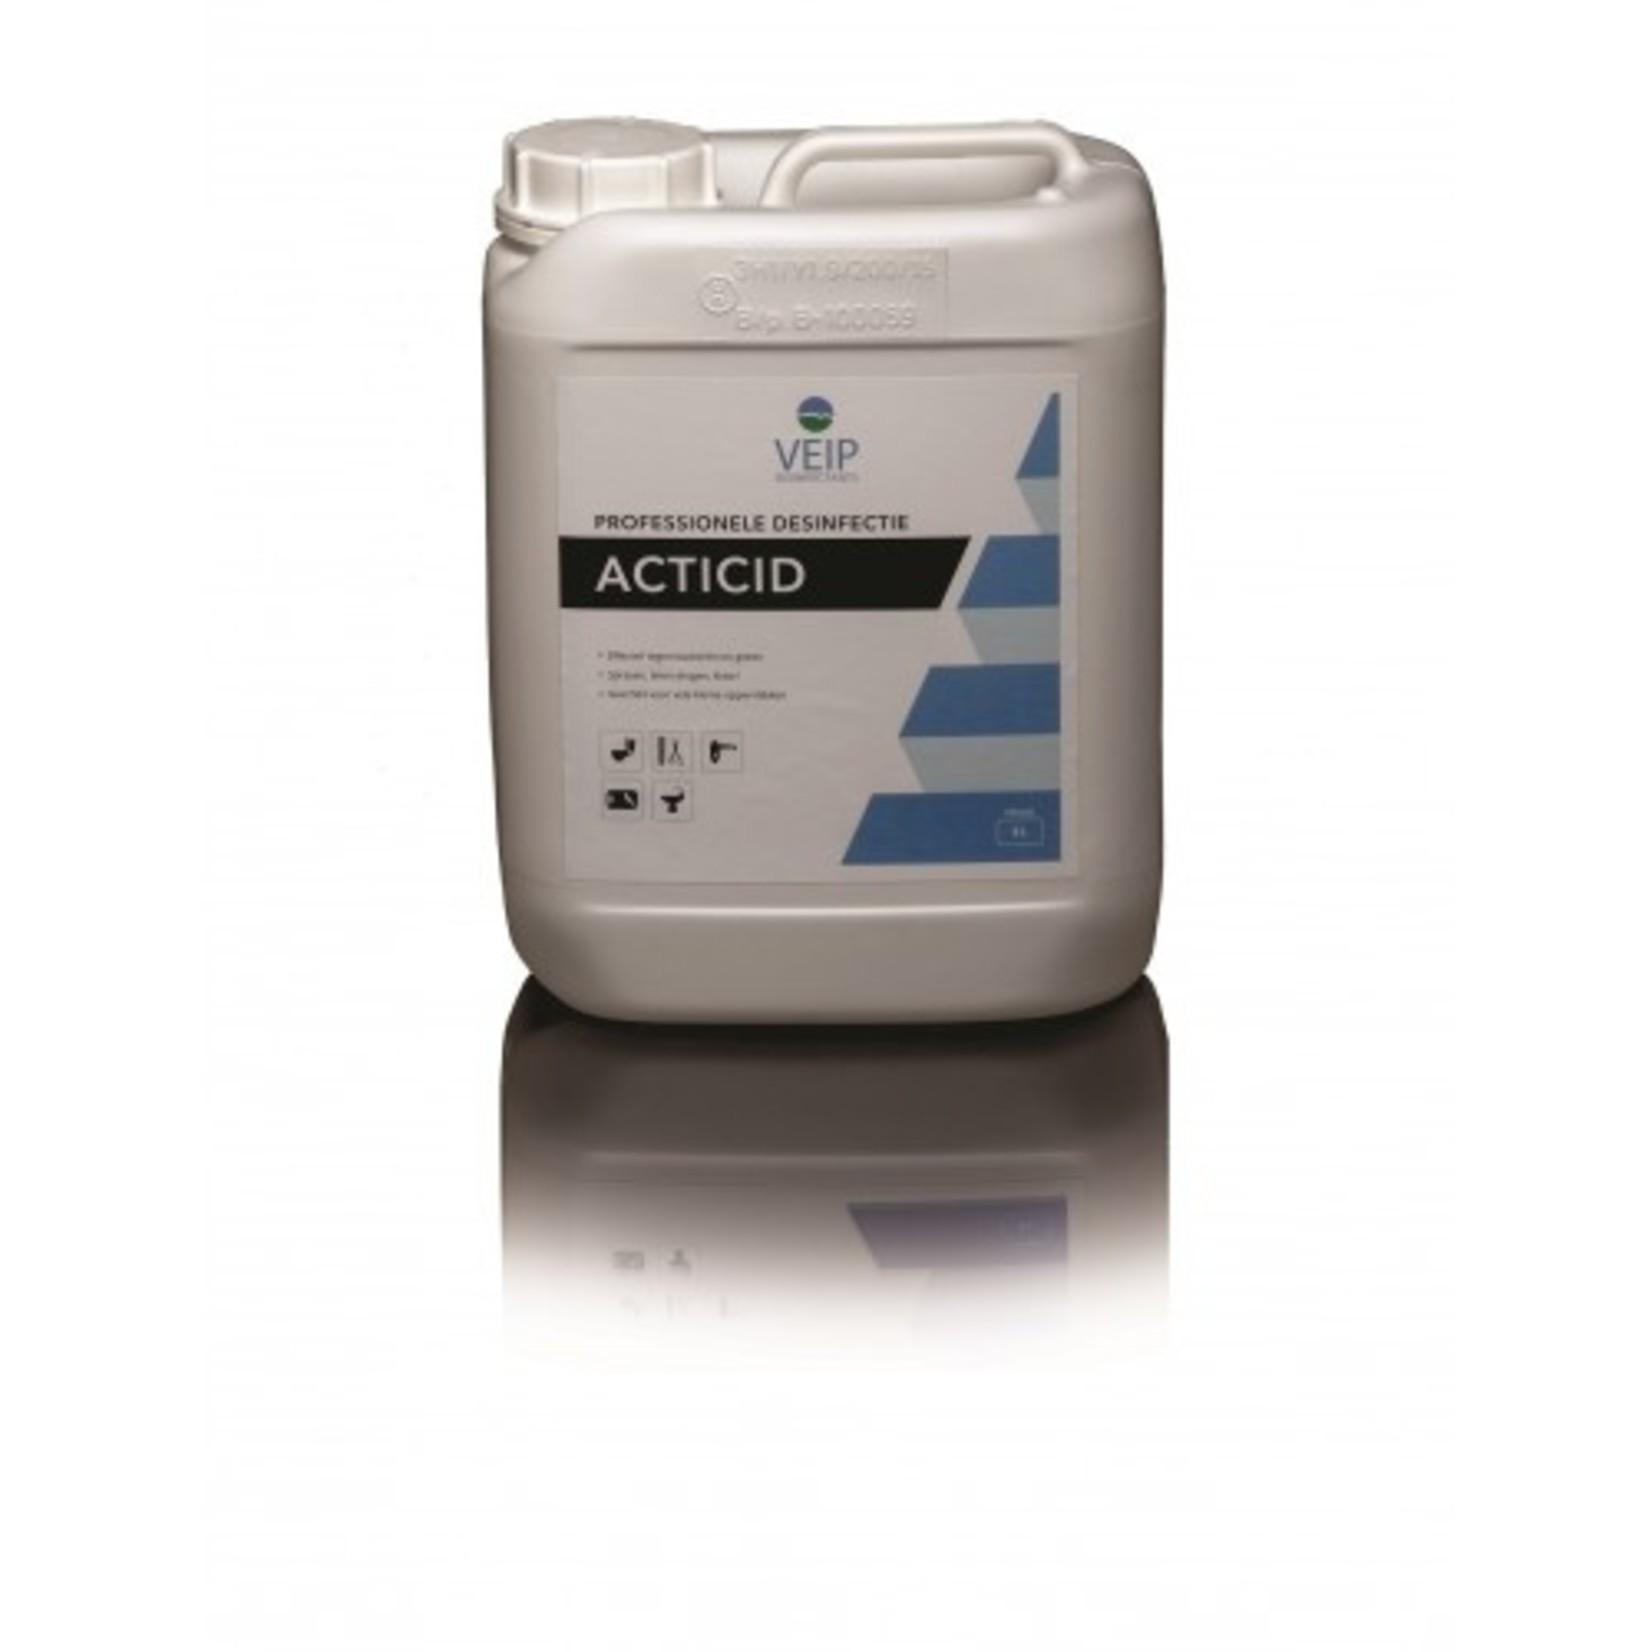 Veip Disinfectants desinfectiemiddel 76% alcohol (ethanol) 5 liter voor oppervlakken